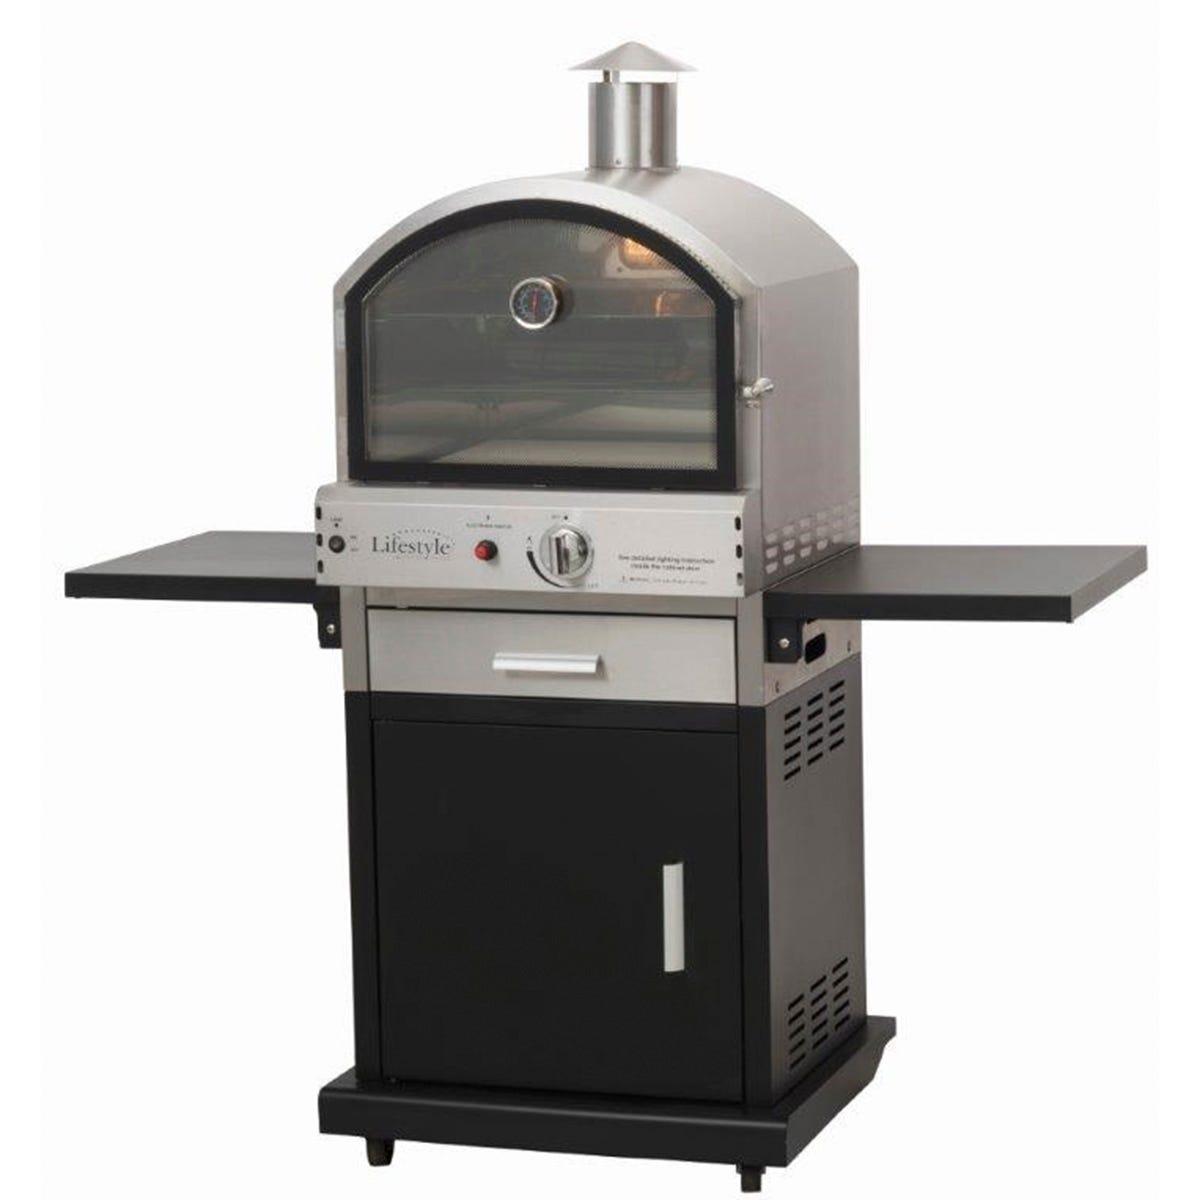 Lifestyle Appliances Verona Deluxe Gas Garden Pizza Oven - Black